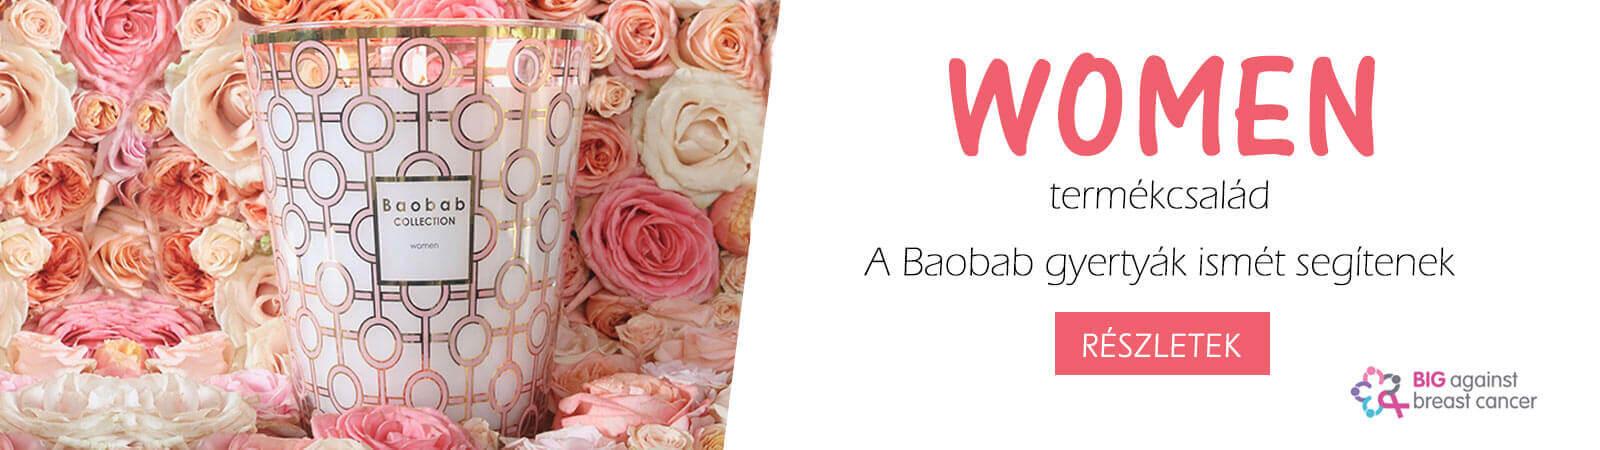 baobab women